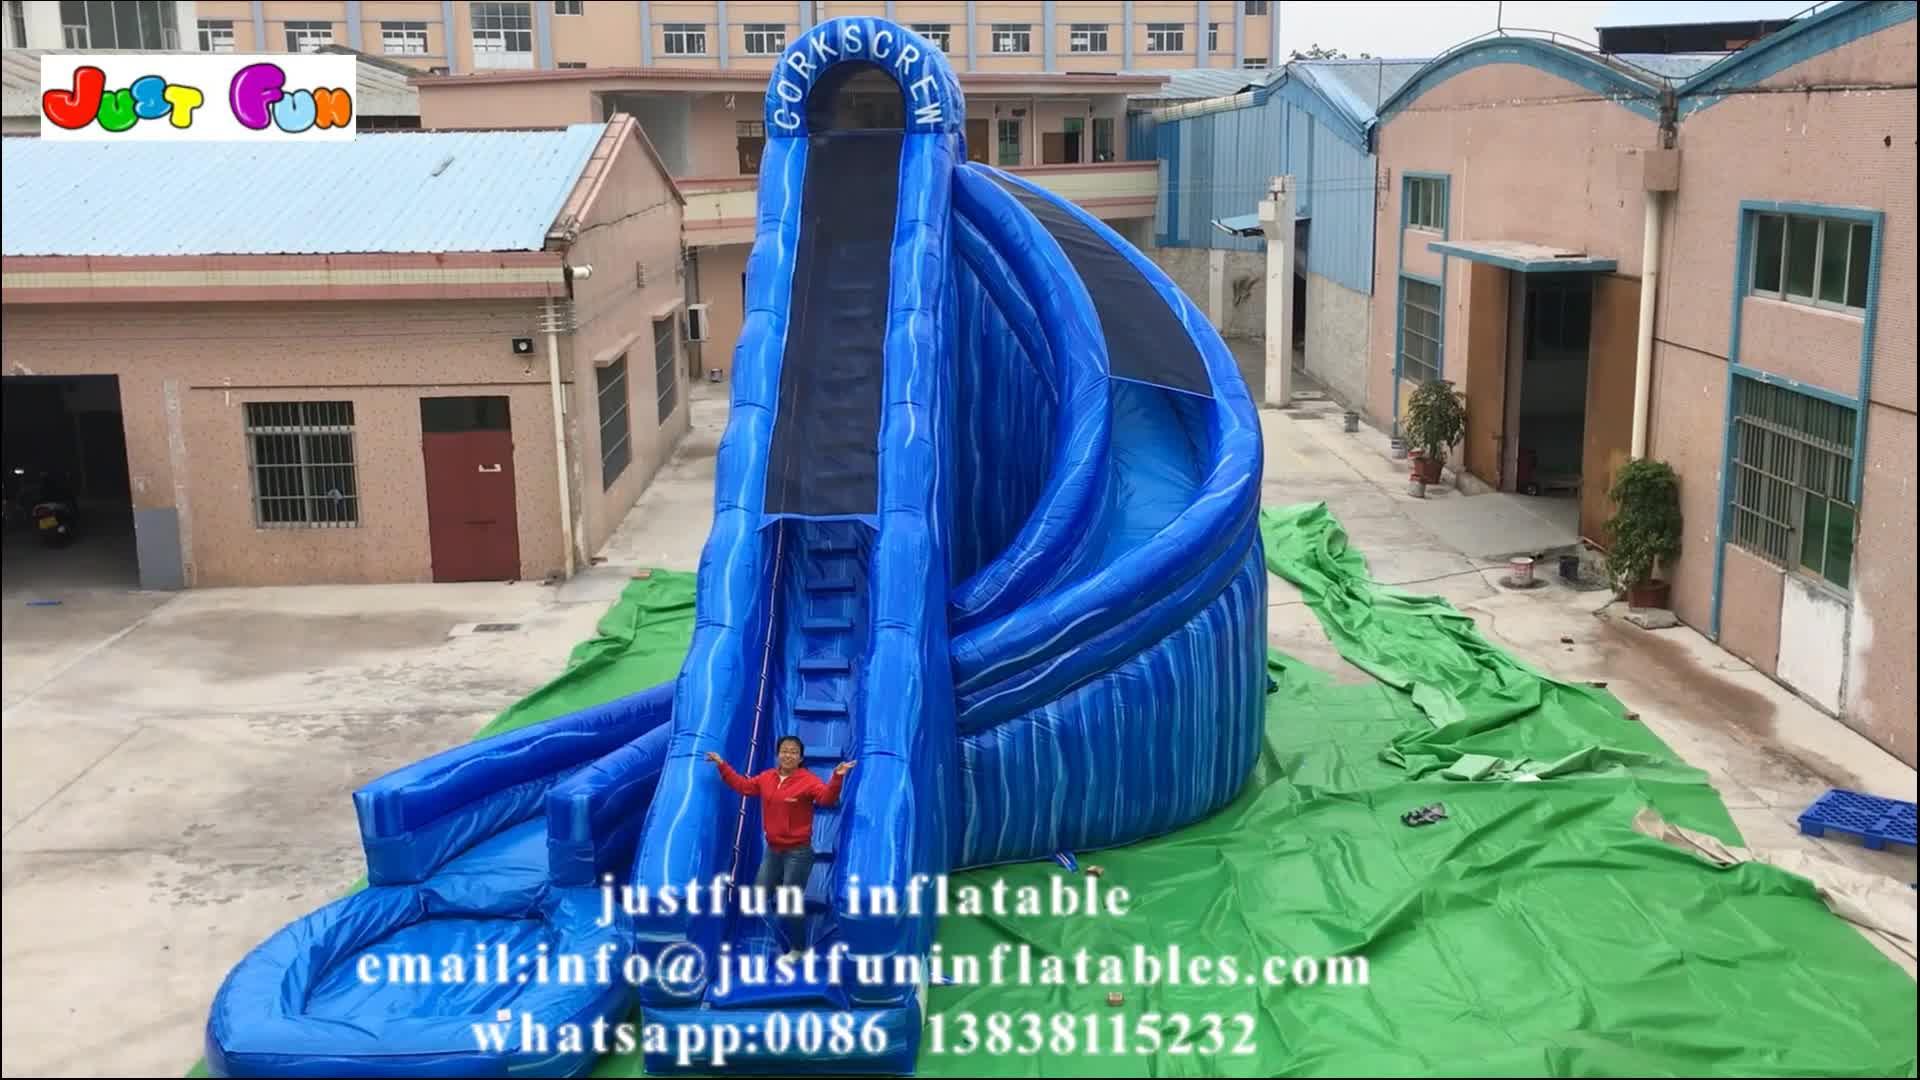 하마 대리석 블루 풍선 물 슬라이드 파티 및 이벤트